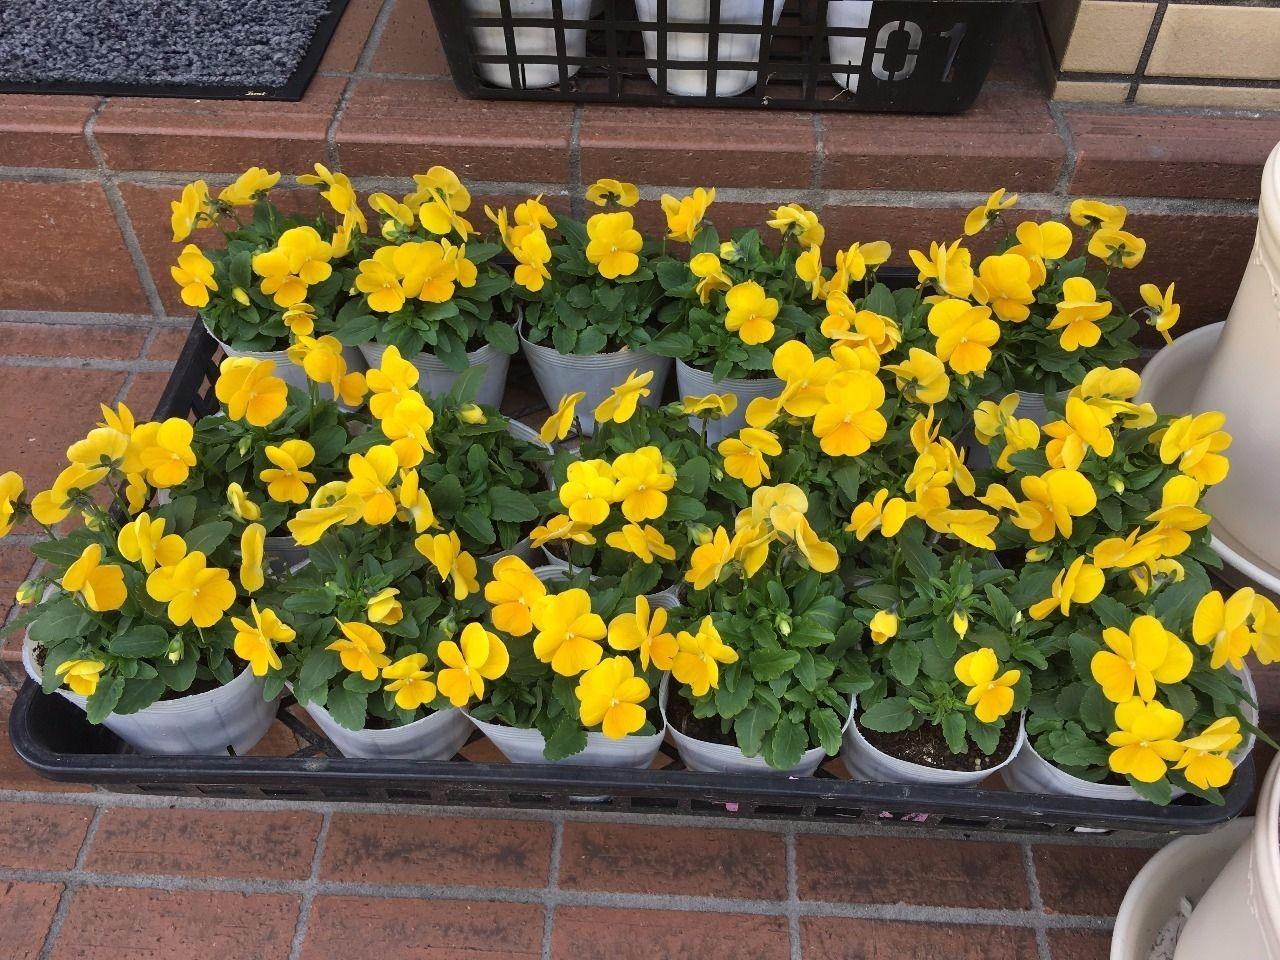 トマト園芸さんで買って来たビオラ32個をプランターに植えました!